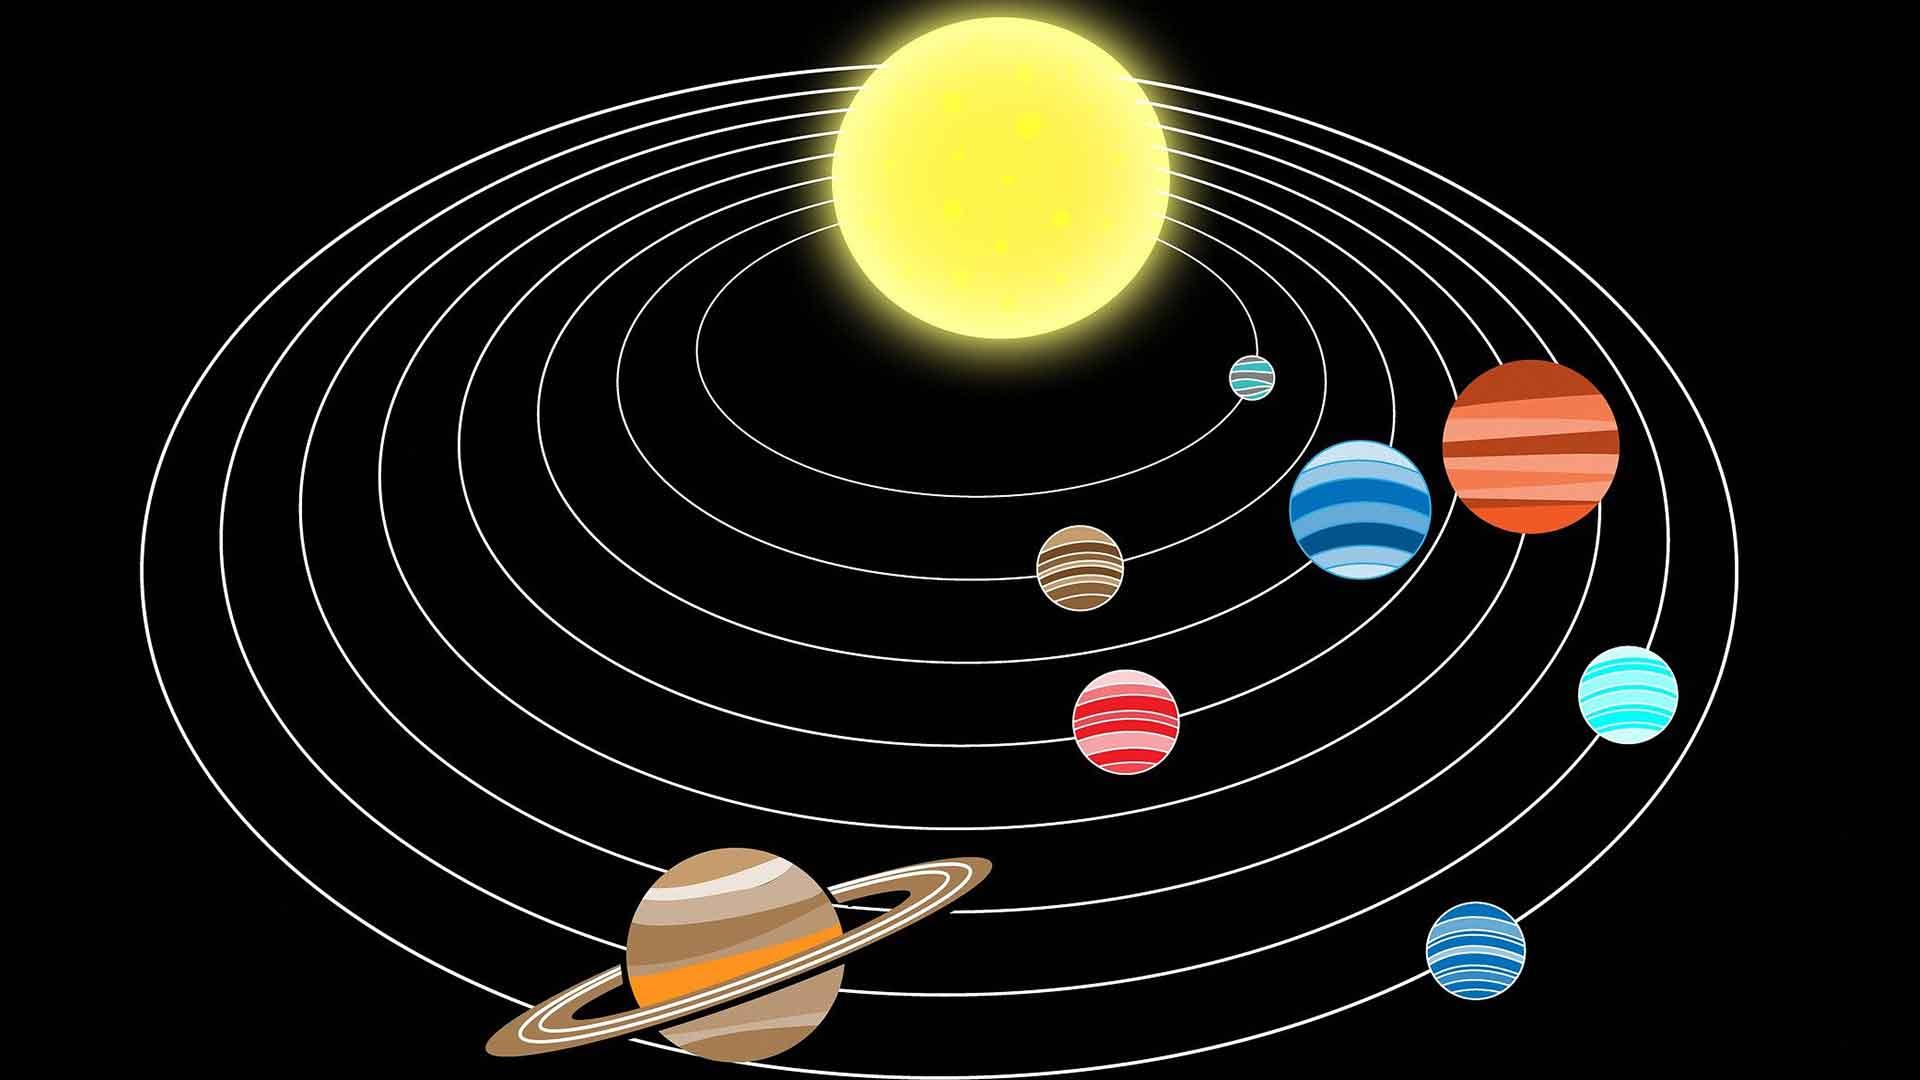 Güneş Sistemindeki En Sıcak ve En Soğuk Gezegenler?fit=thumb&w=418&h=152&q=80